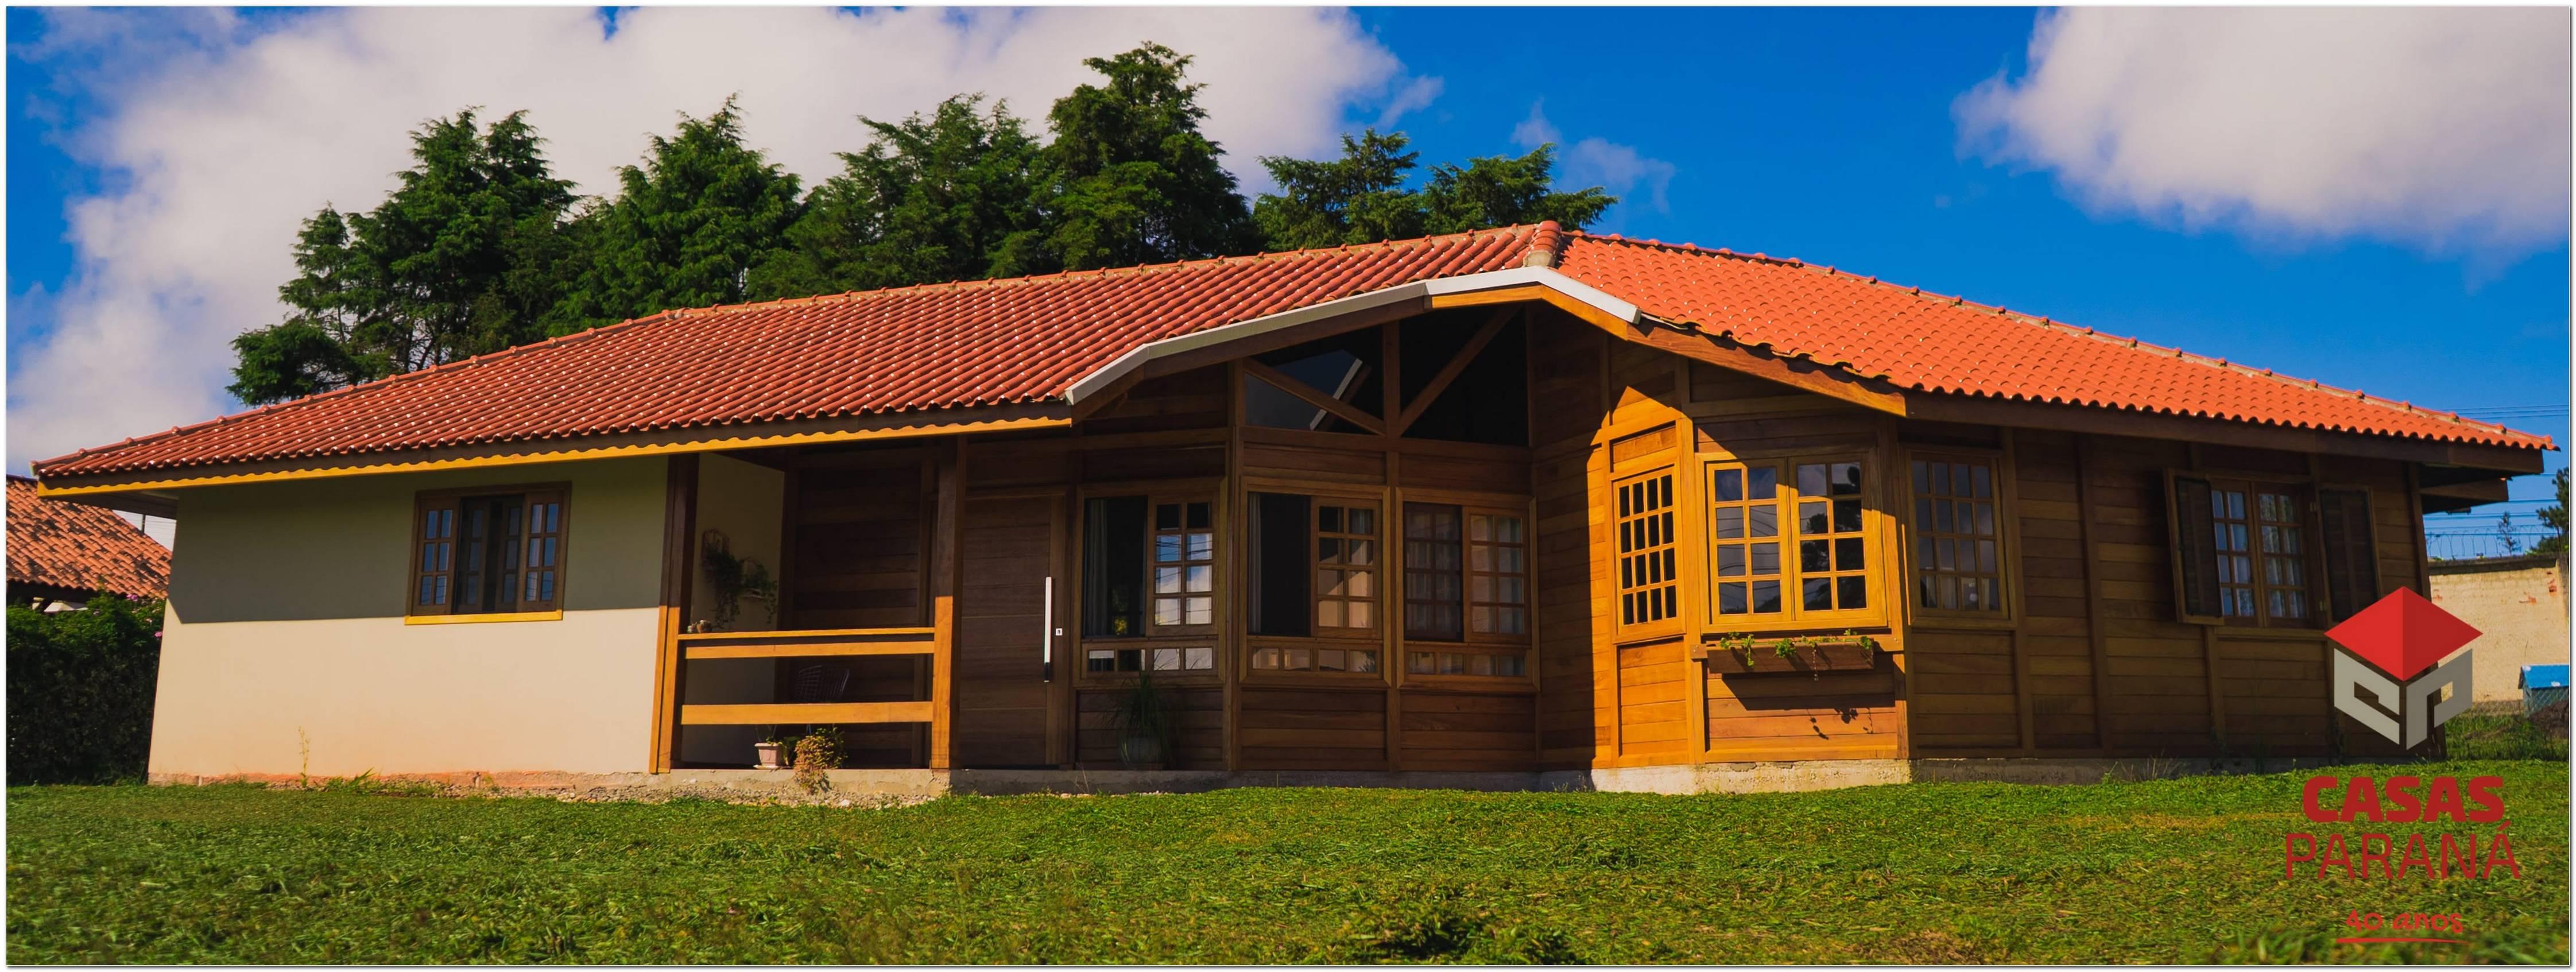 Casas Pré Fabricadas De Concreto Preço